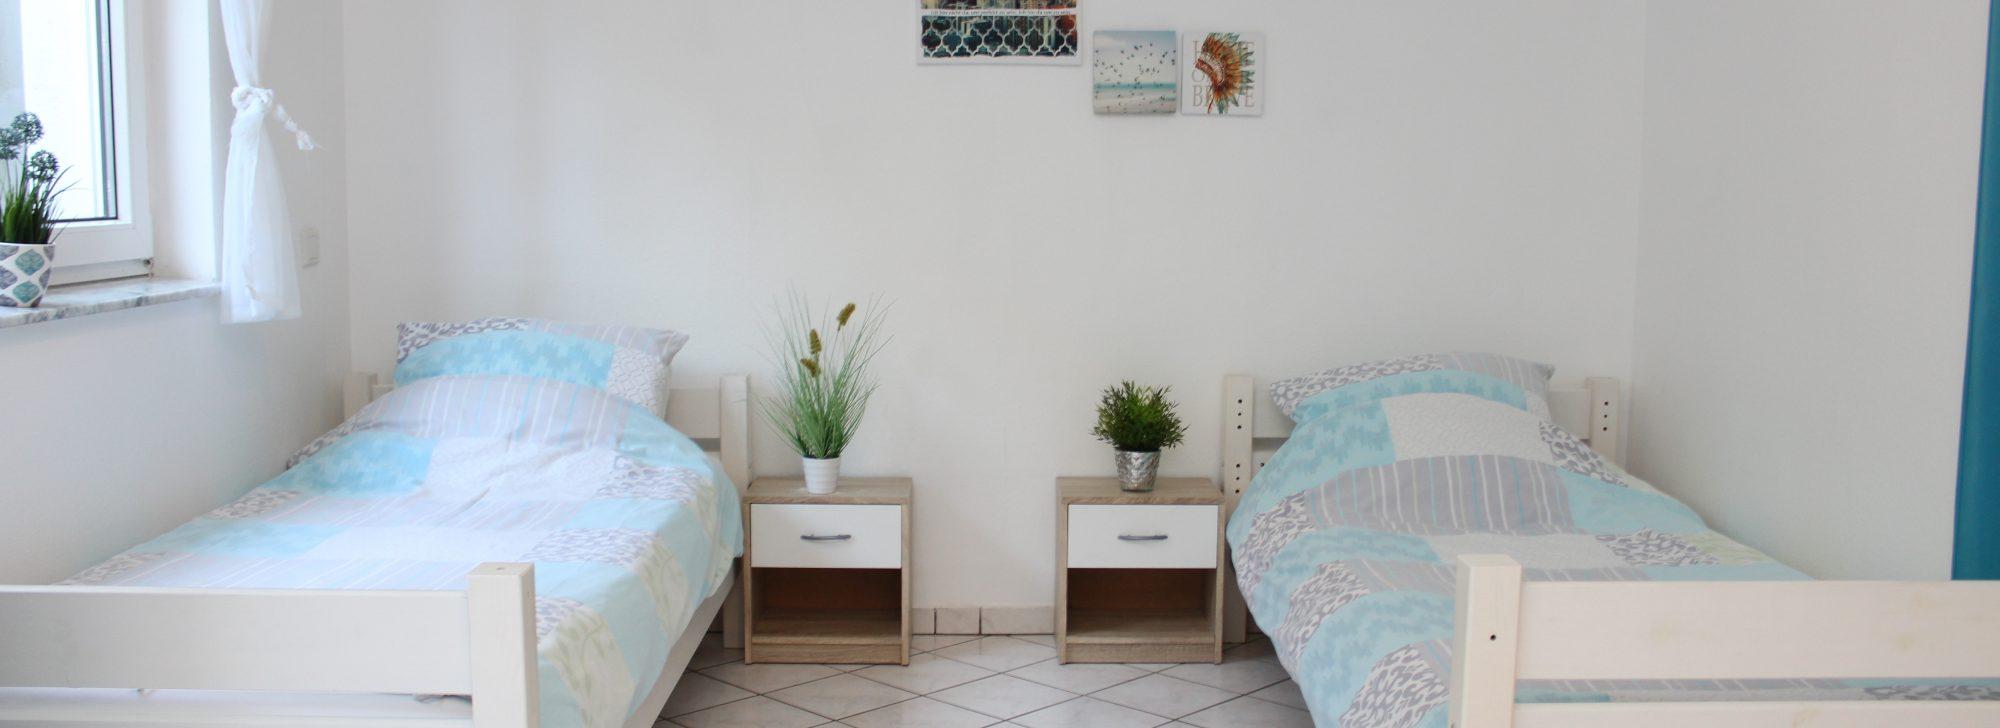 Monteurzimmer in Bergheim – Ferienwohnung – Möblierte Wohnung